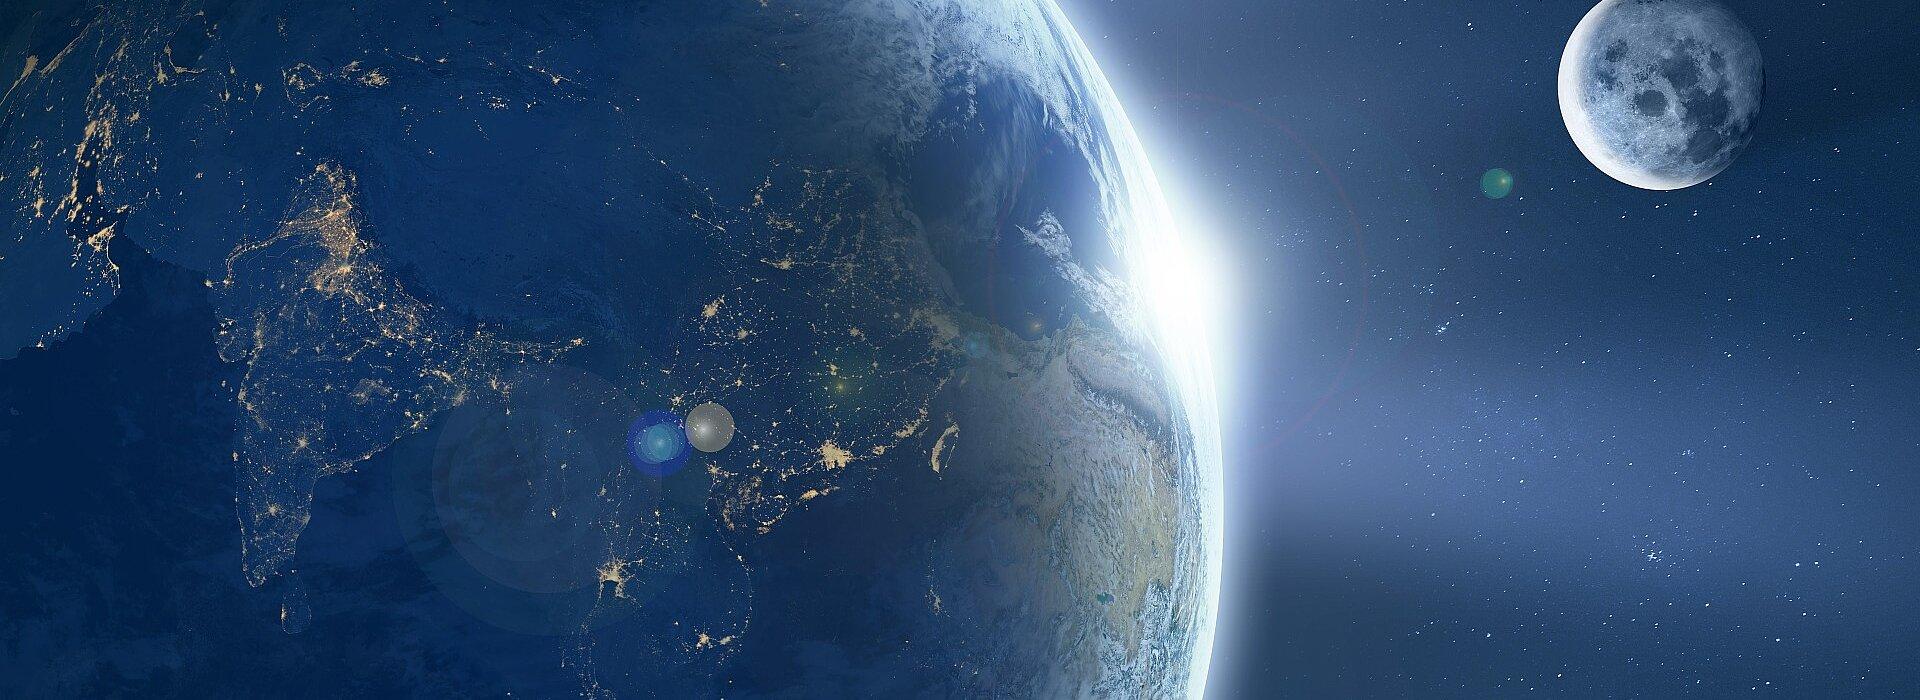 vista distante da Terra e da Lua